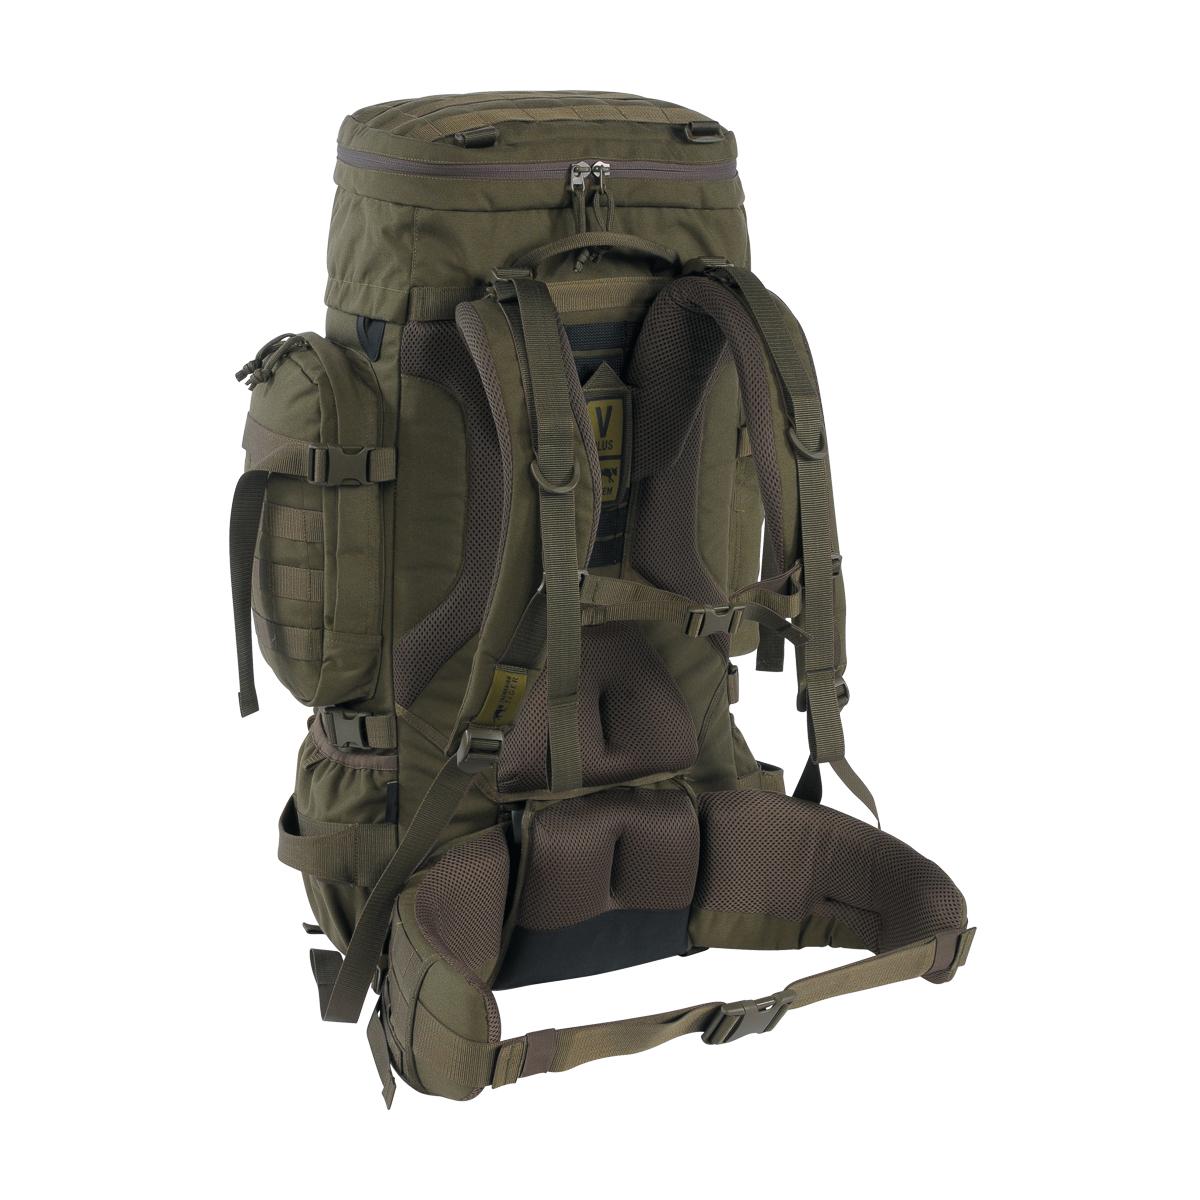 Универсальный военный рюкзак 45 л. TT Raid Pack MK III, 7711.331, olive, Тактические рюкзаки - арт. 487470264